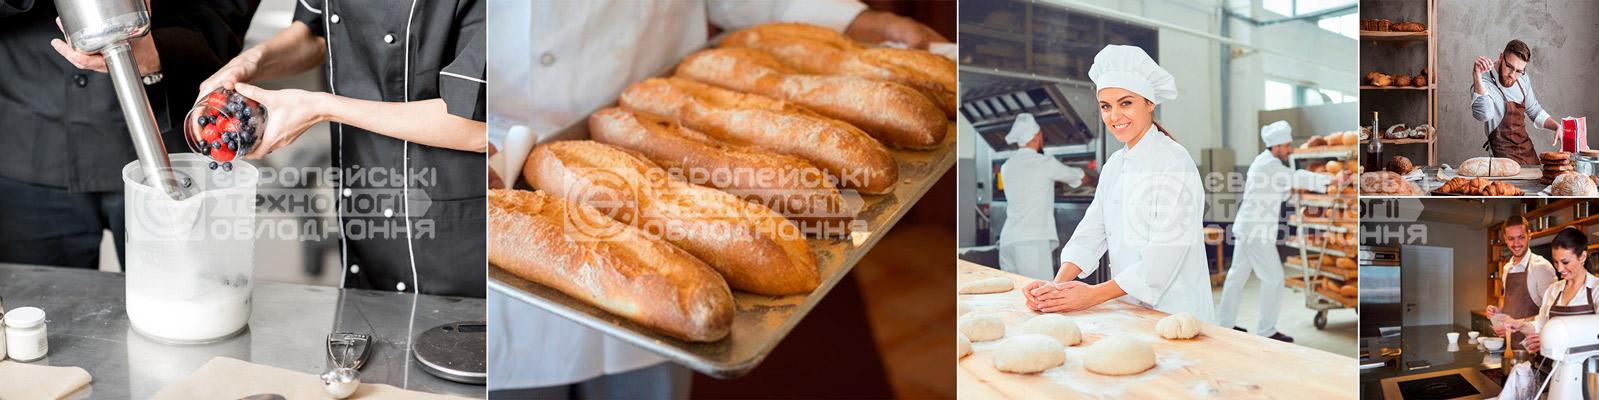 Хлебопекарный и кондитерский инвентарь